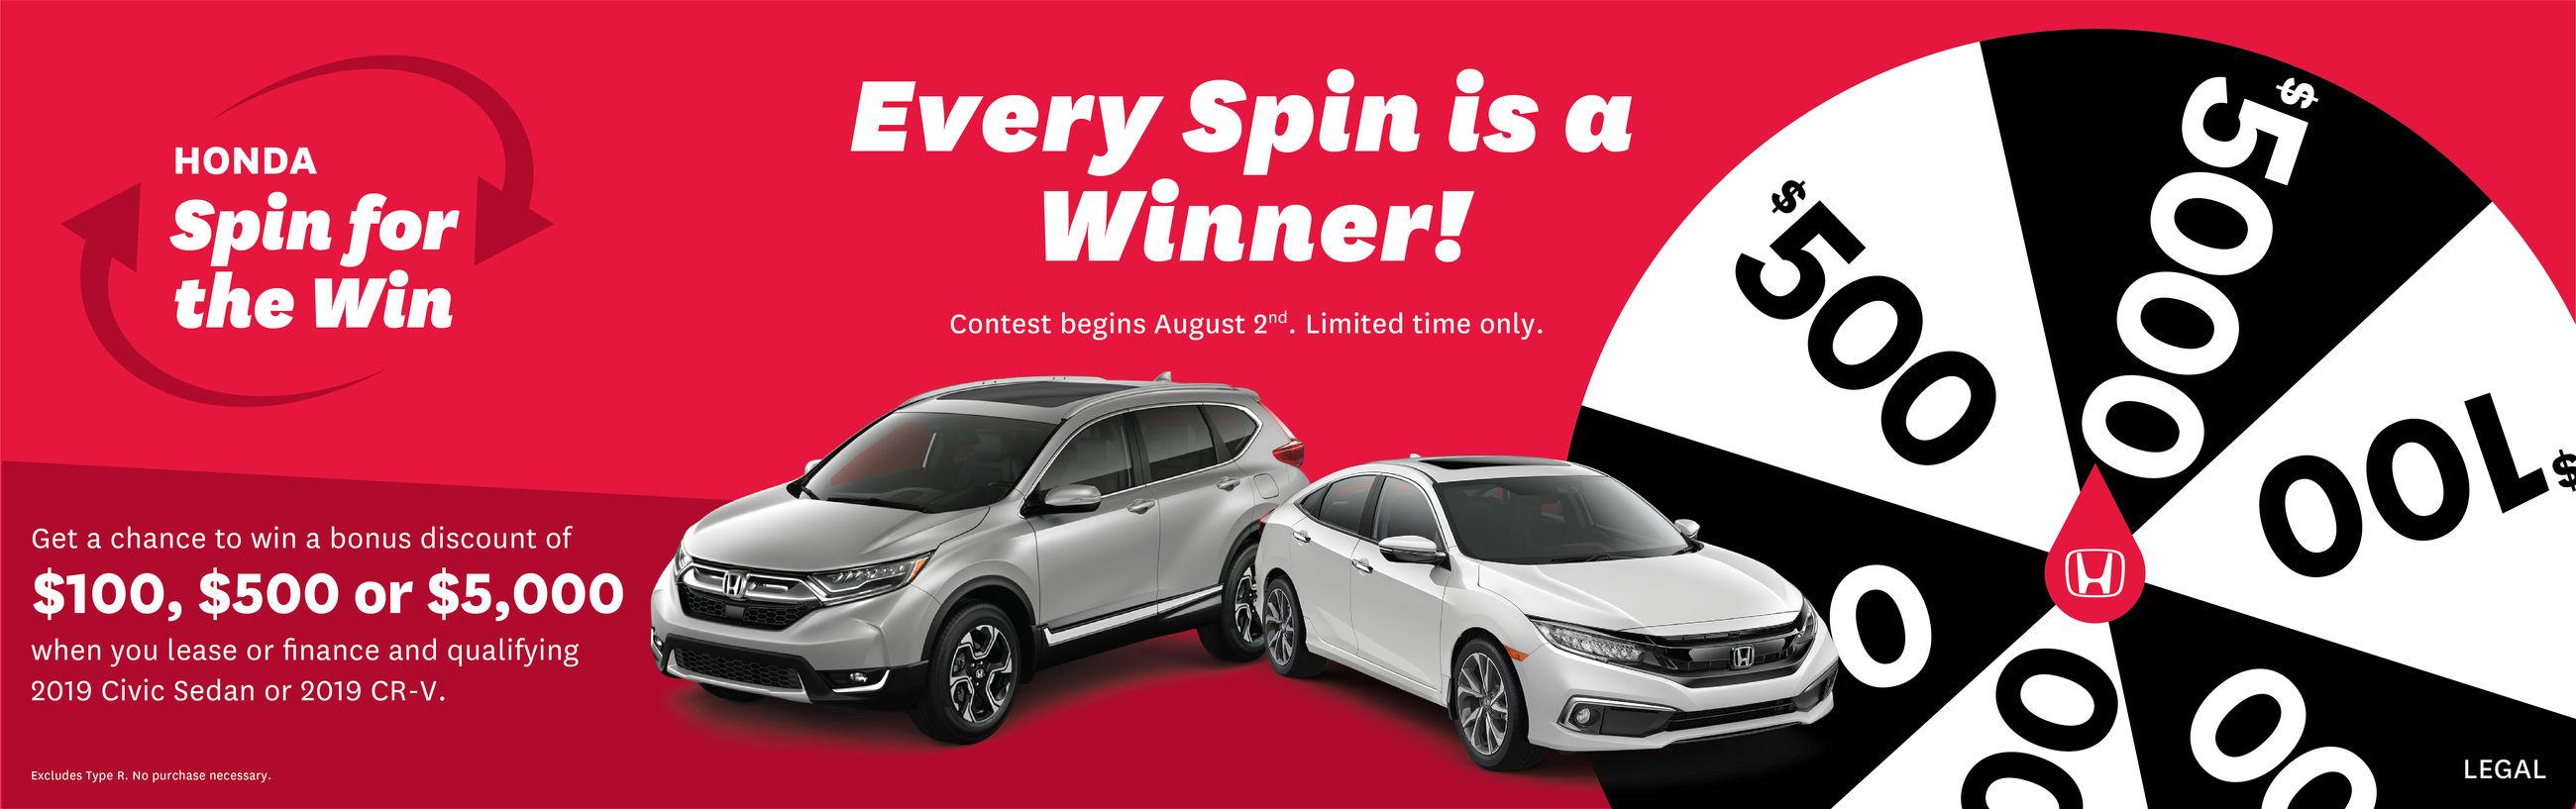 Honda Spin & Win promotions in Ontario | at Cornwall Honda